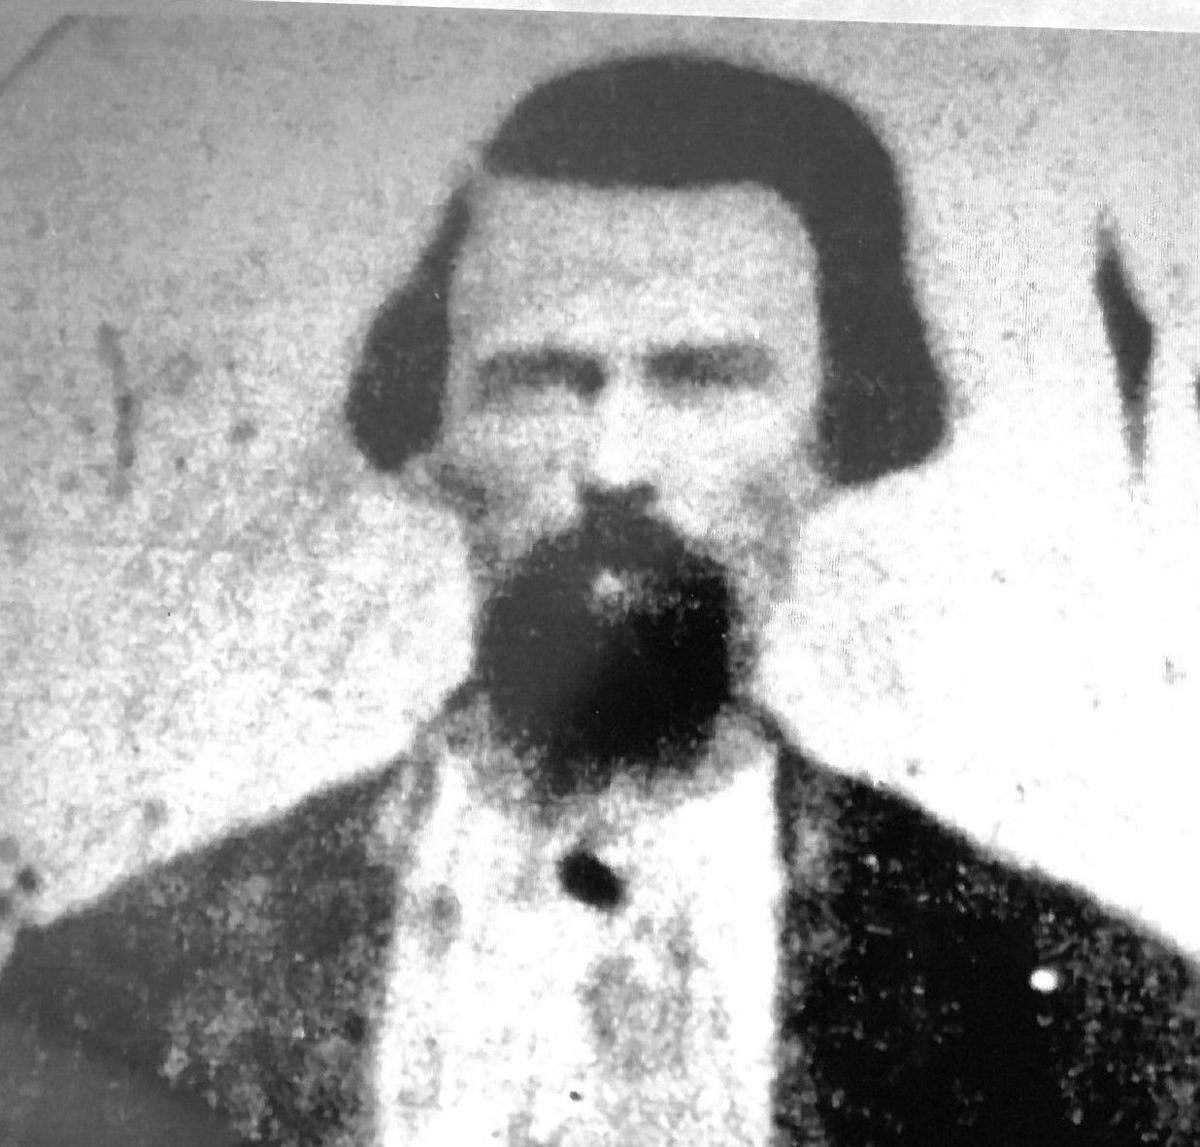 Capt. Thomas Eubanks